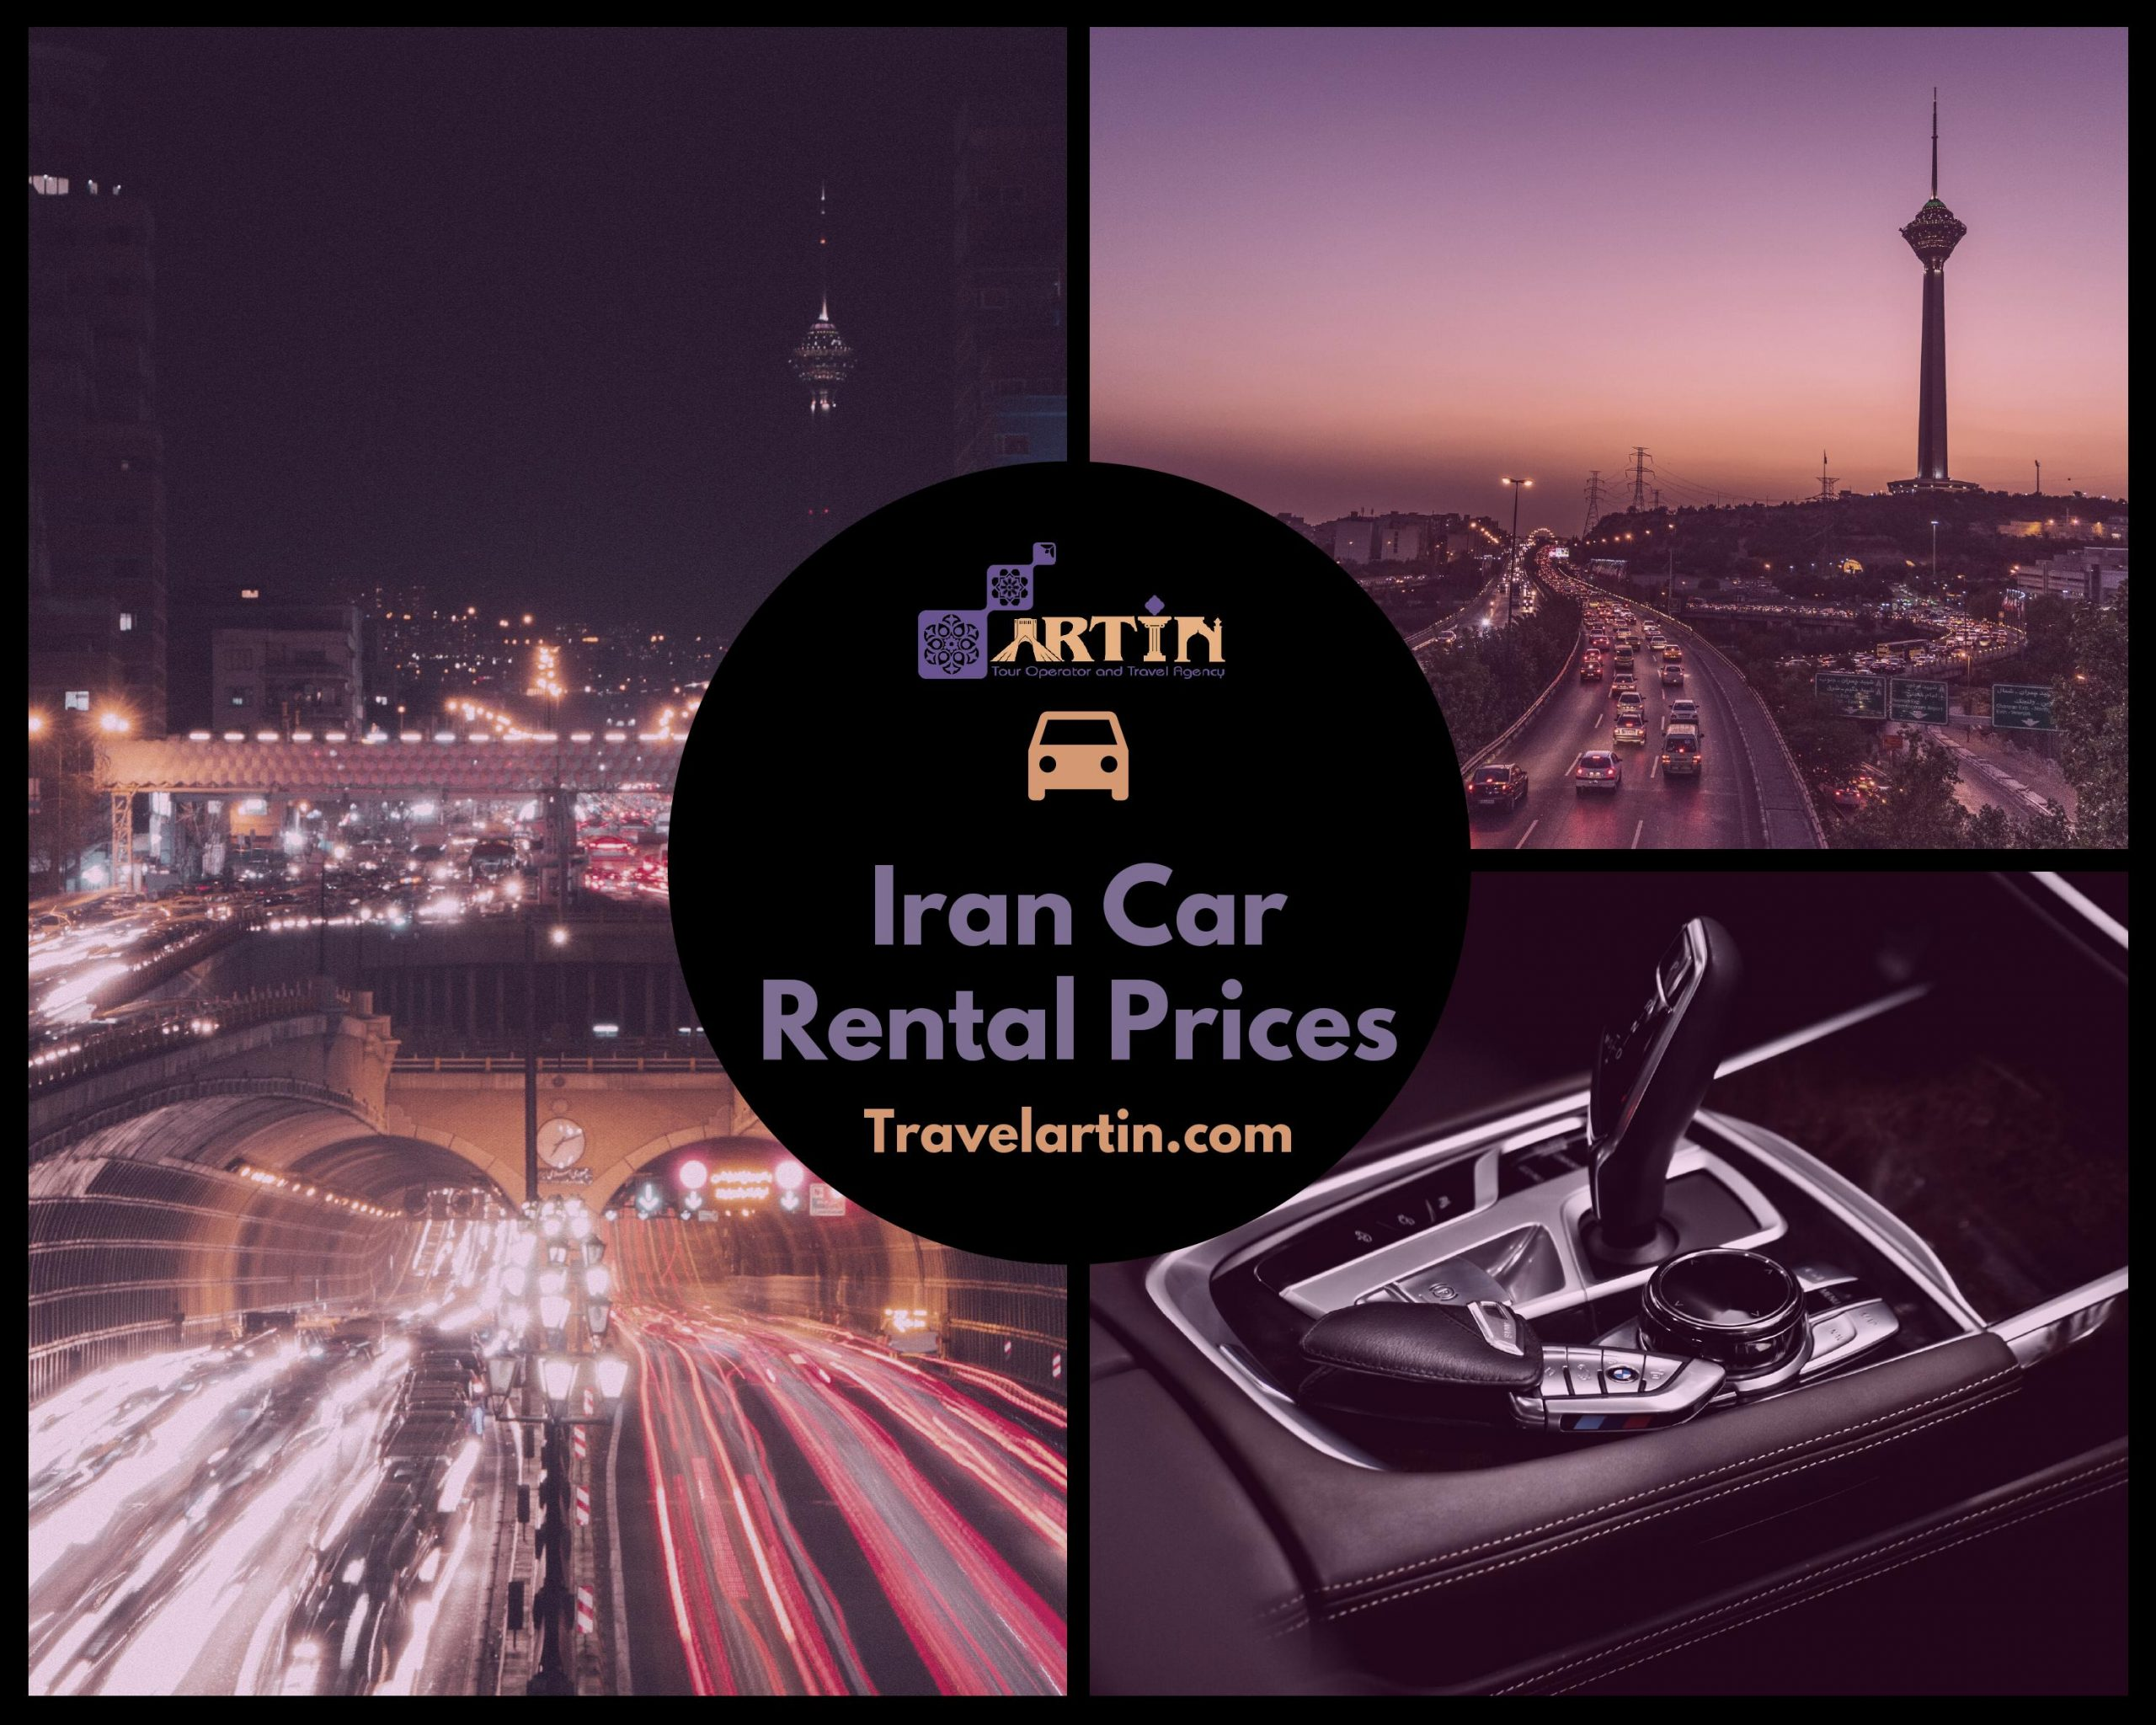 Iran Rental car fees and prices Travelartin.com